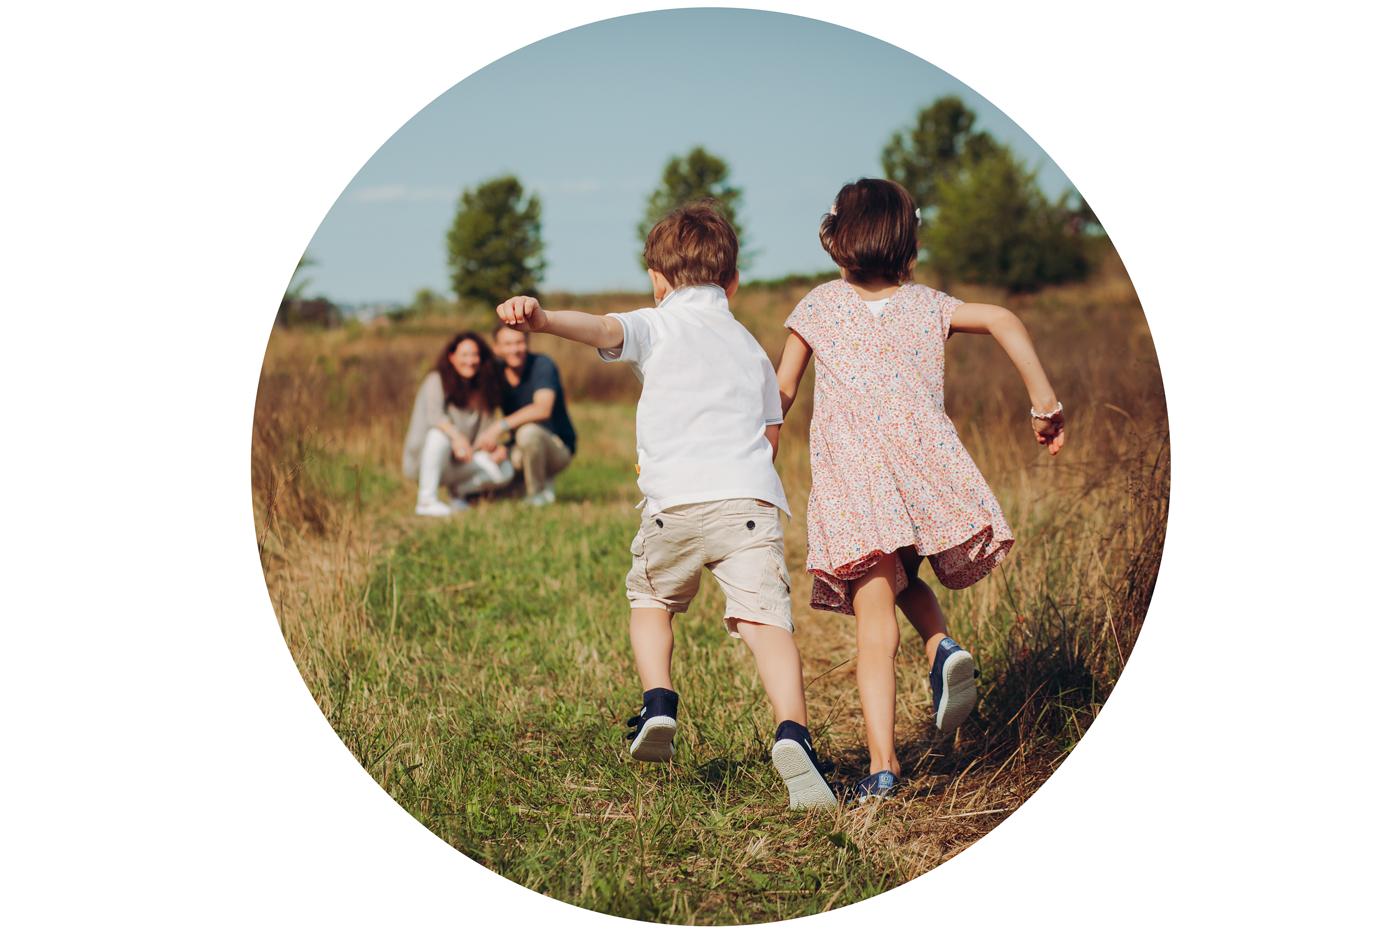 Kinderfotos beim Fotoshooting mit Familien aus Mainz und Frankfurt